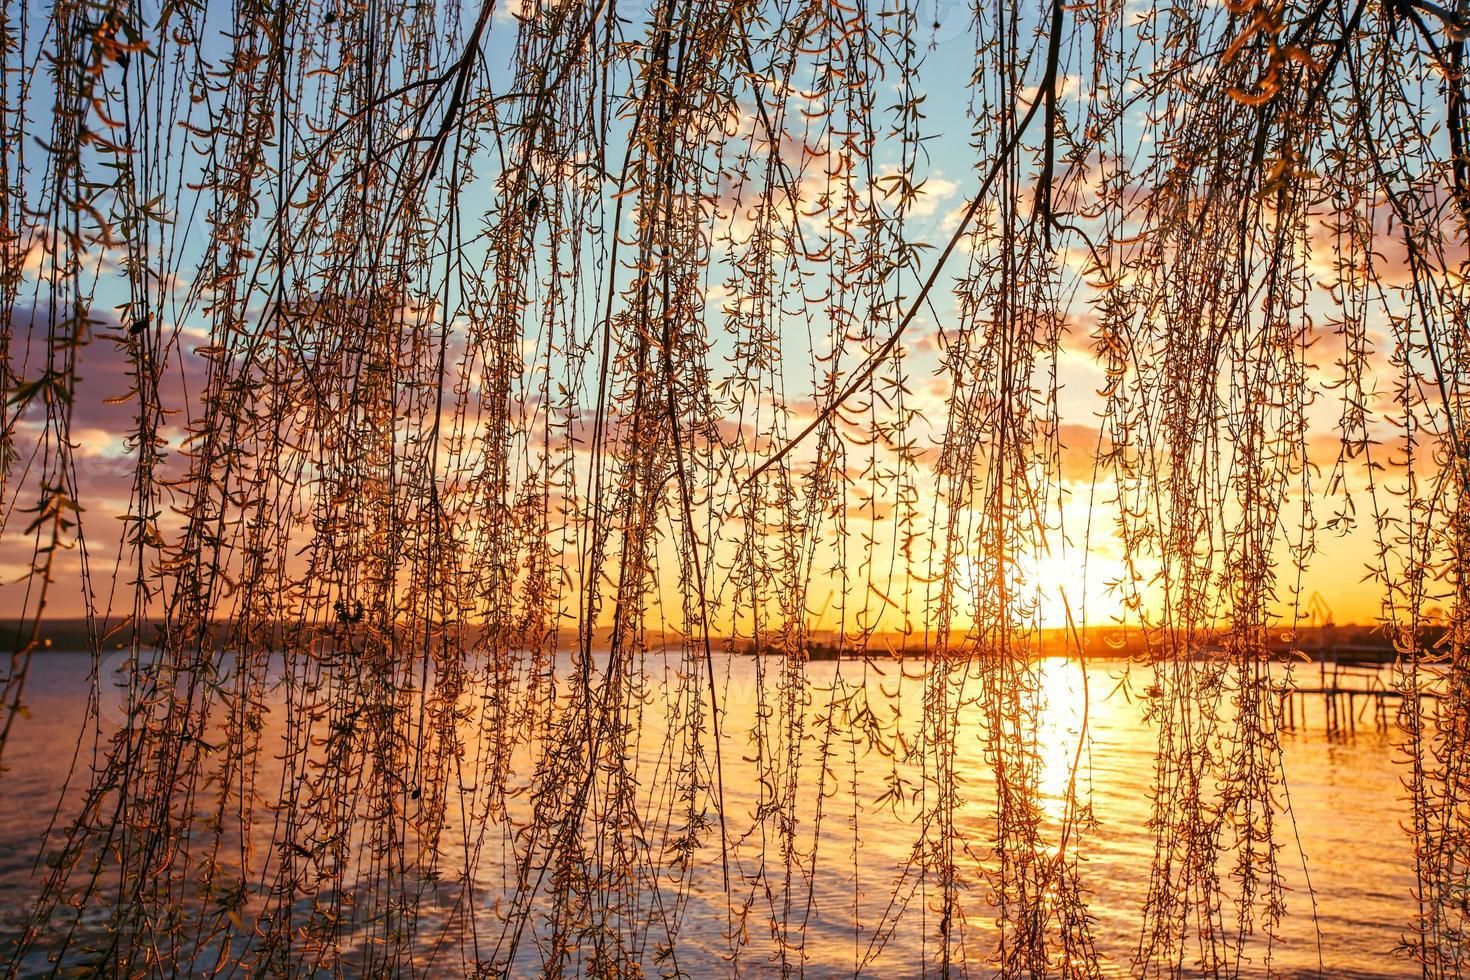 osier au bord de la rivière et beau coucher de soleil photo